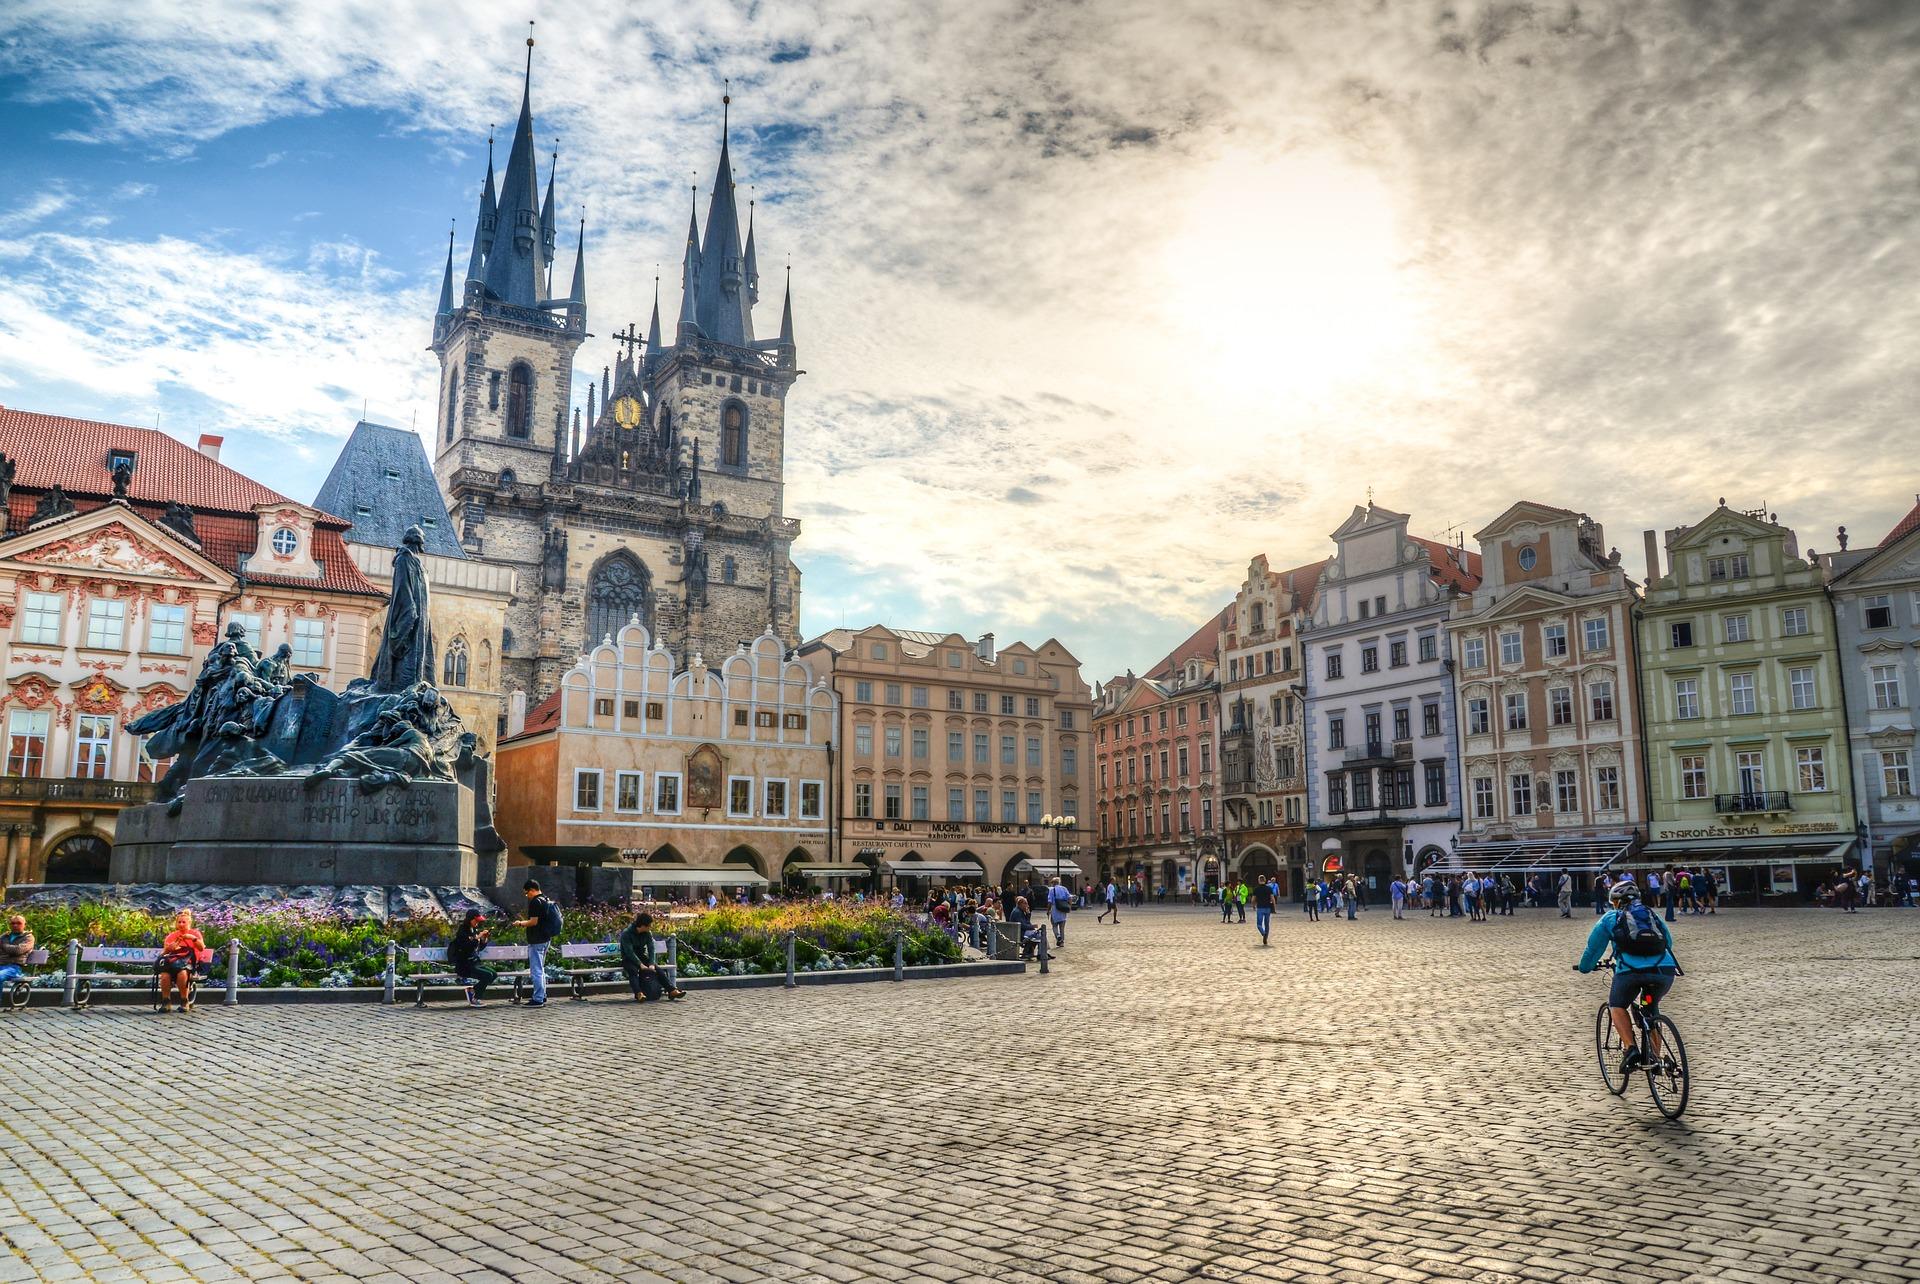 https://assets.eberhardt-travel.de/2020/Tschechien/87968_Altstaedter_Ring_in_Prag_Tschechien_Original.jpg